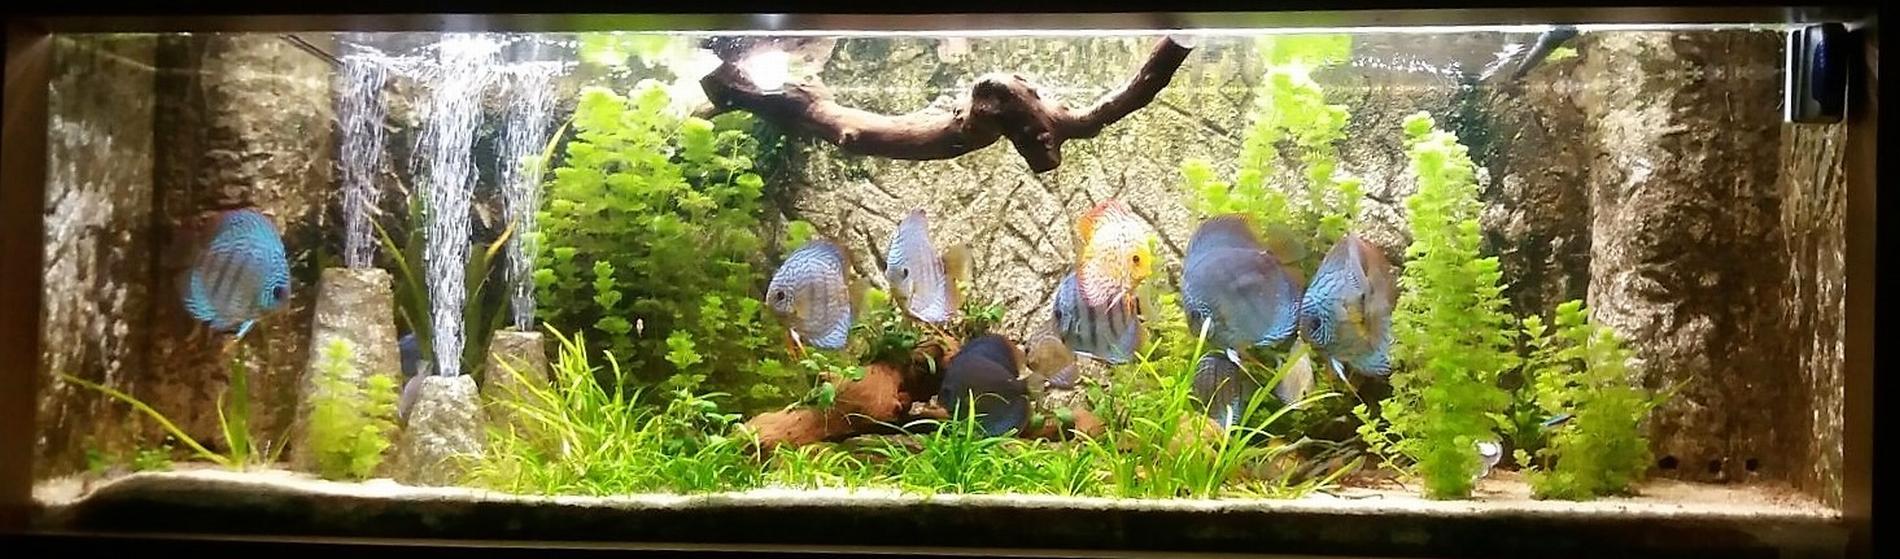 acuario-de-600-lt-jose-m-cabrera